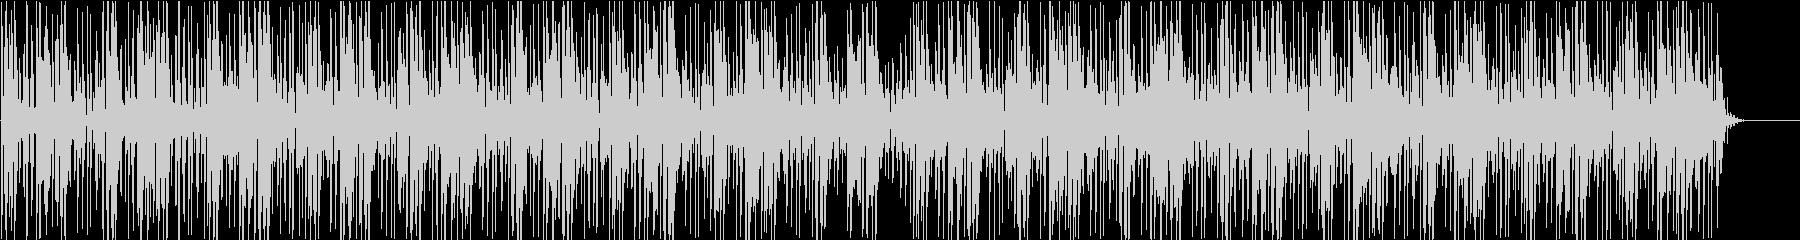 映像向けのエレクトロニック系BGMの未再生の波形